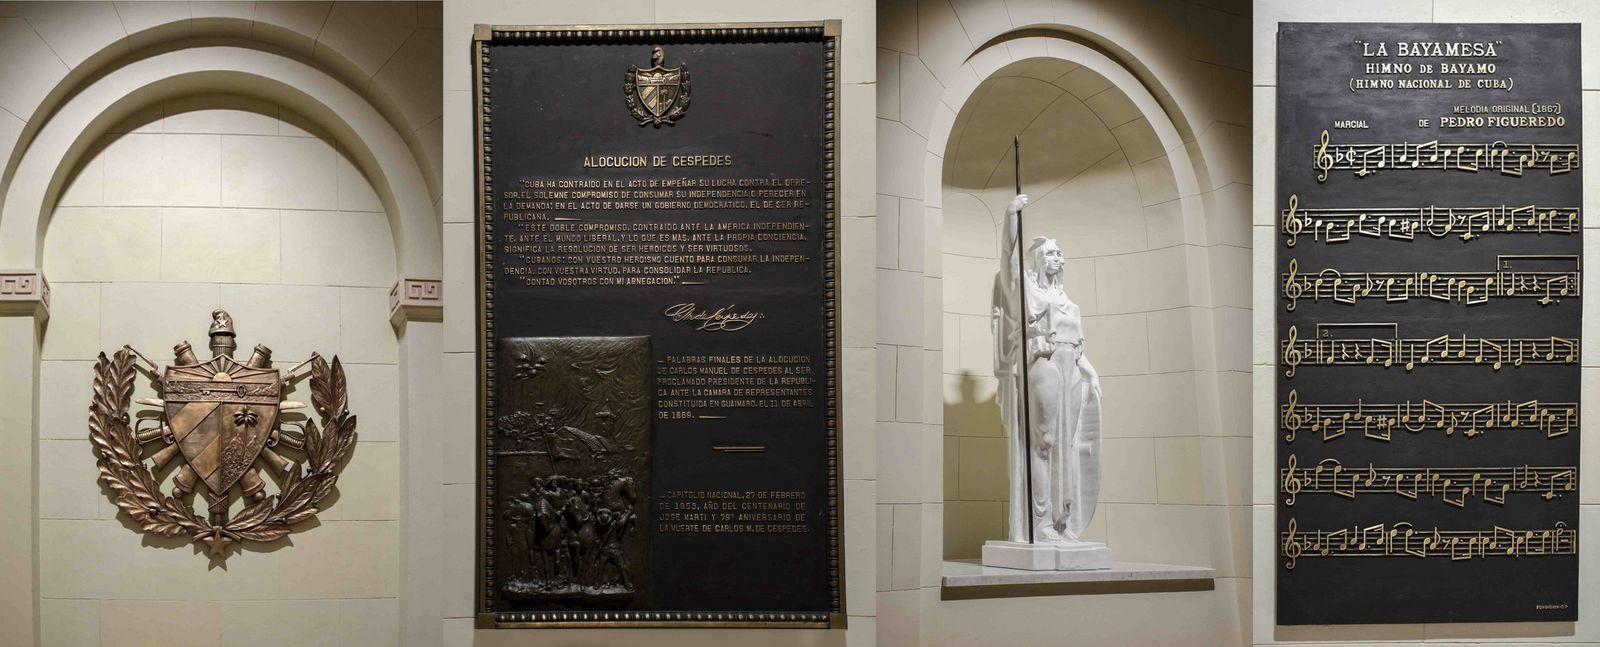 De izquierda a derecha, Escudo de Armas de Cuba, la alocución de Céspedes en Guñaimaro; réplica de la estatua de Pala Atenea y las notas del Himno de Bayamo. Alexis Rodríguez / Jorge Luis Beker.